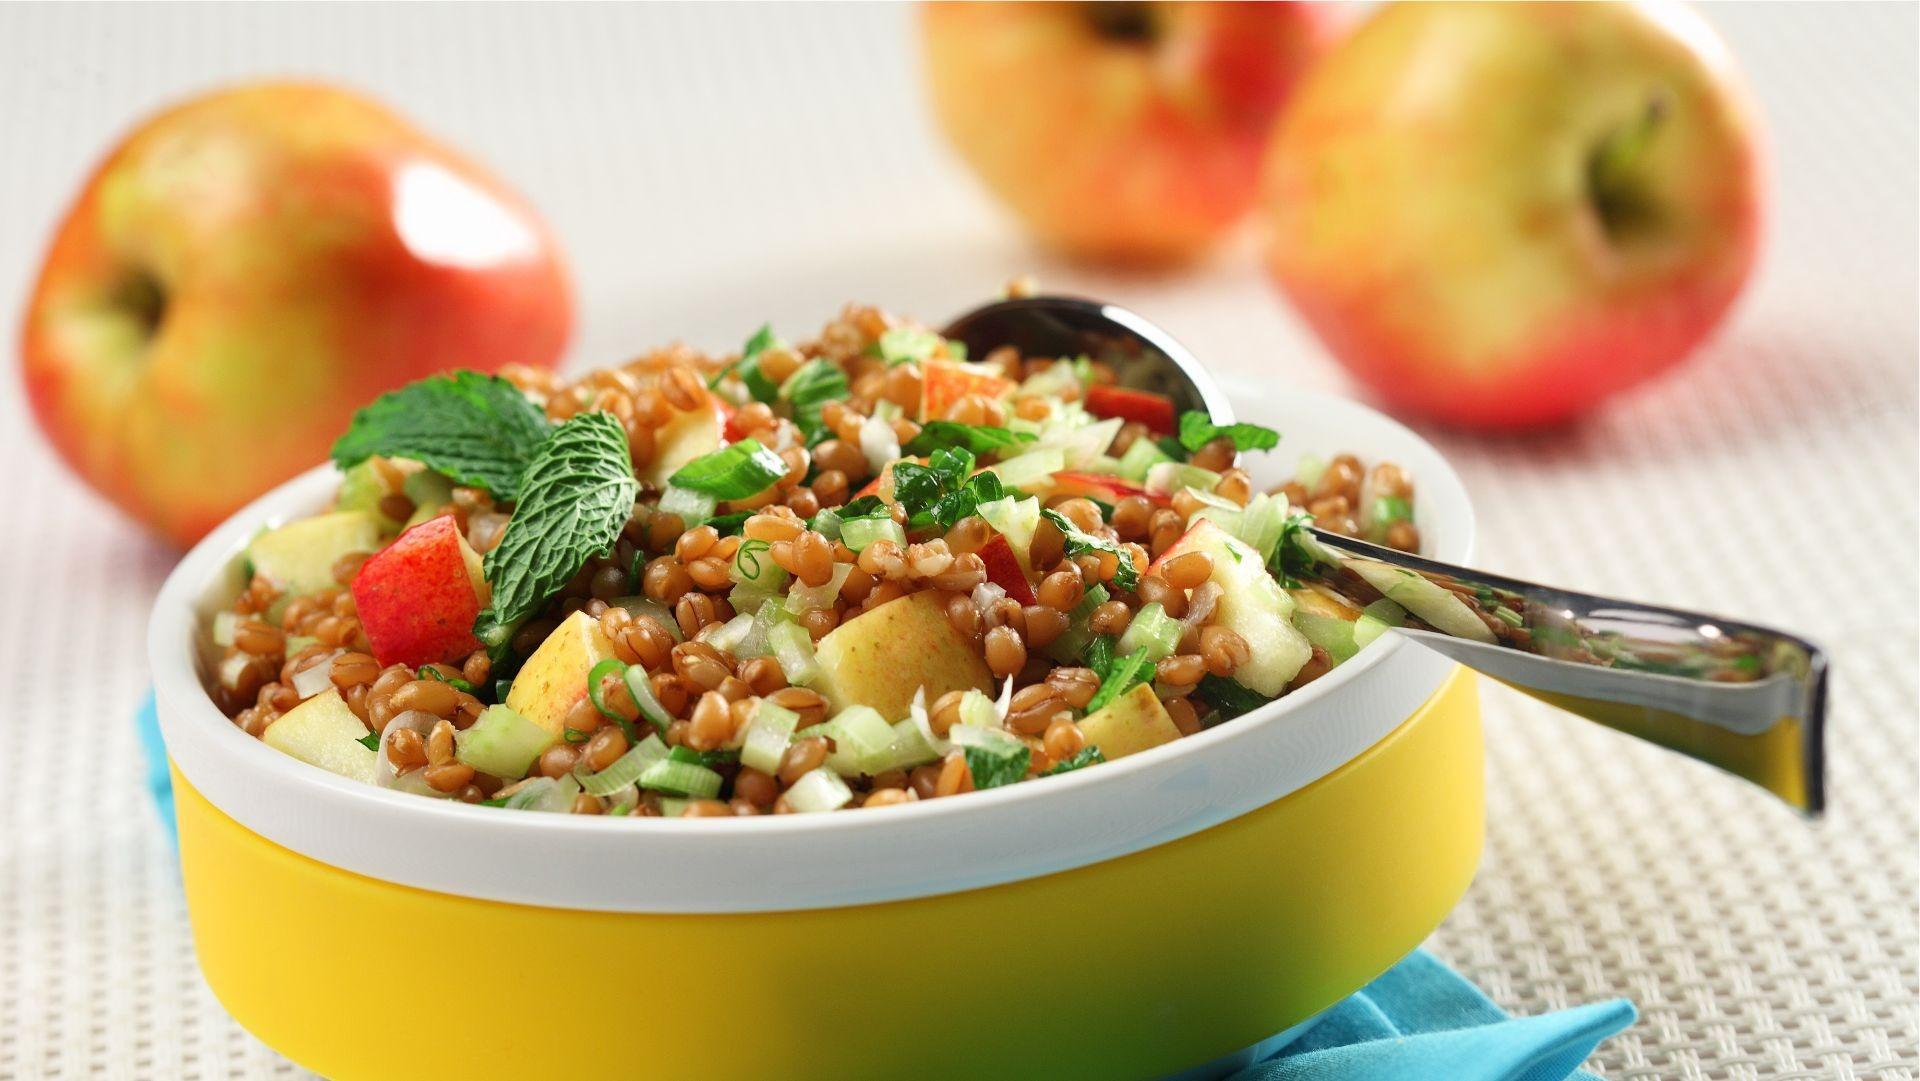 Salade aux grains de blé et pommes dans un bol jaune sur une serviette bleue